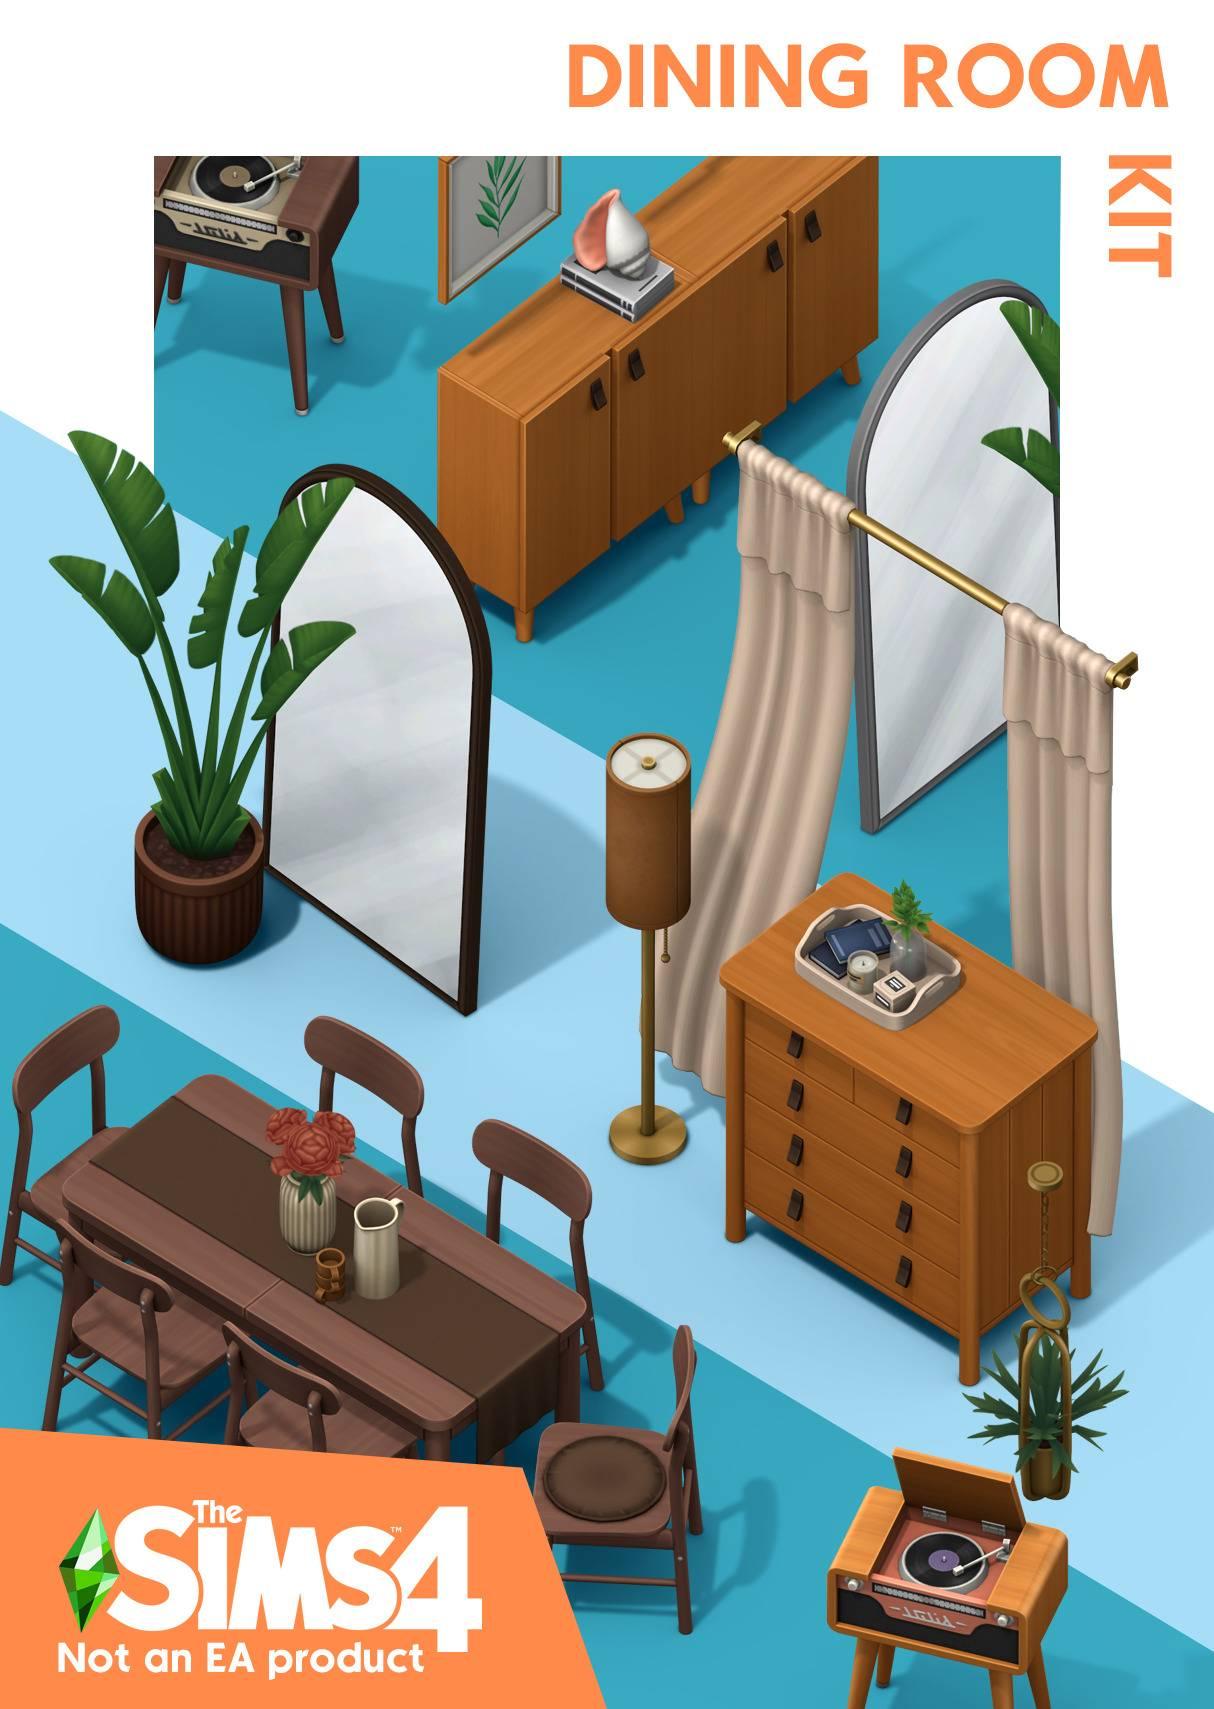 Комплект для столовой - Dining room kit